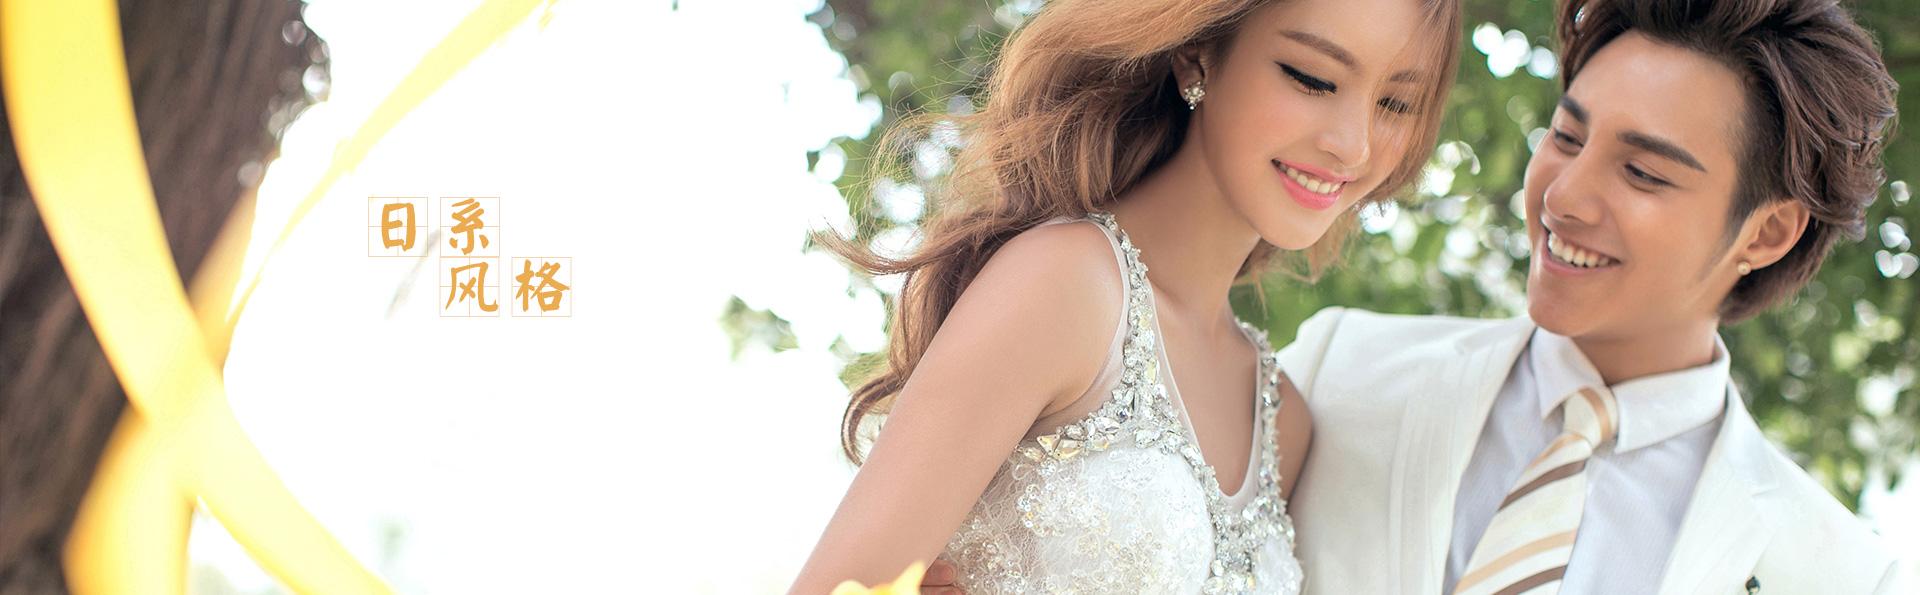 株洲日式婚纱摄影风格